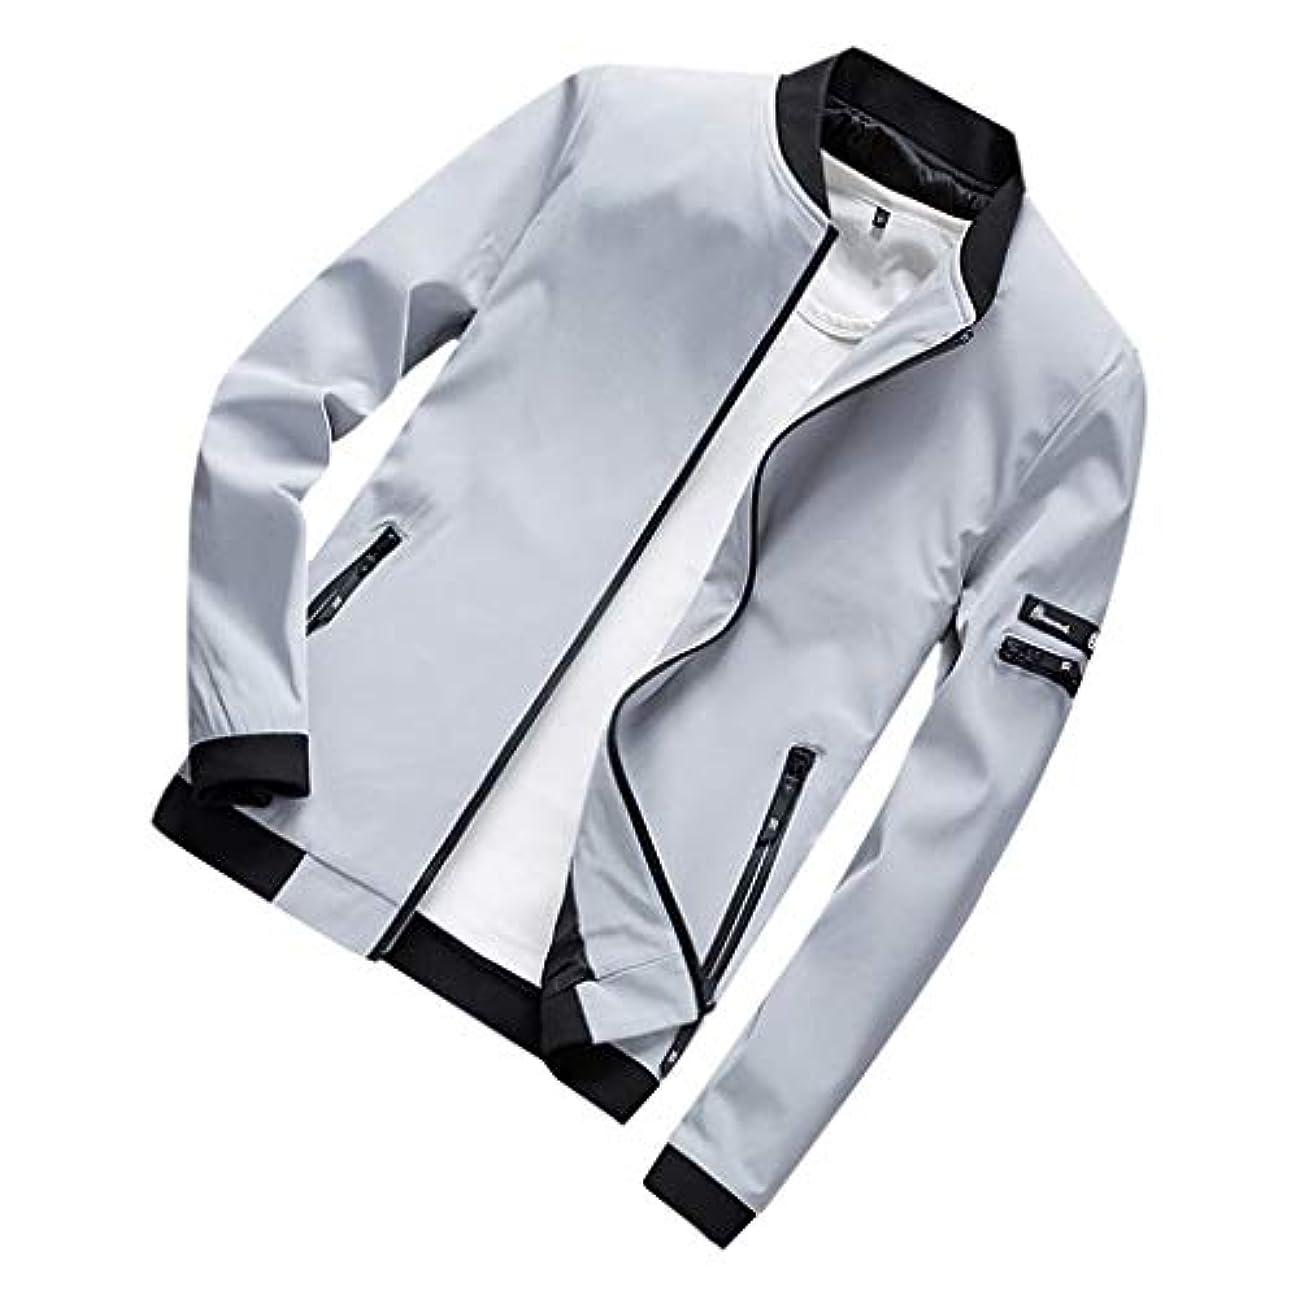 マナー変色するセメントジャケット メンズ コート ブルゾン 秋 冬 防水 無地 カジュアル 綿 大きいサイズ アウター 黒 ストレッチ ビジネスシャツ 細身 ジャケット